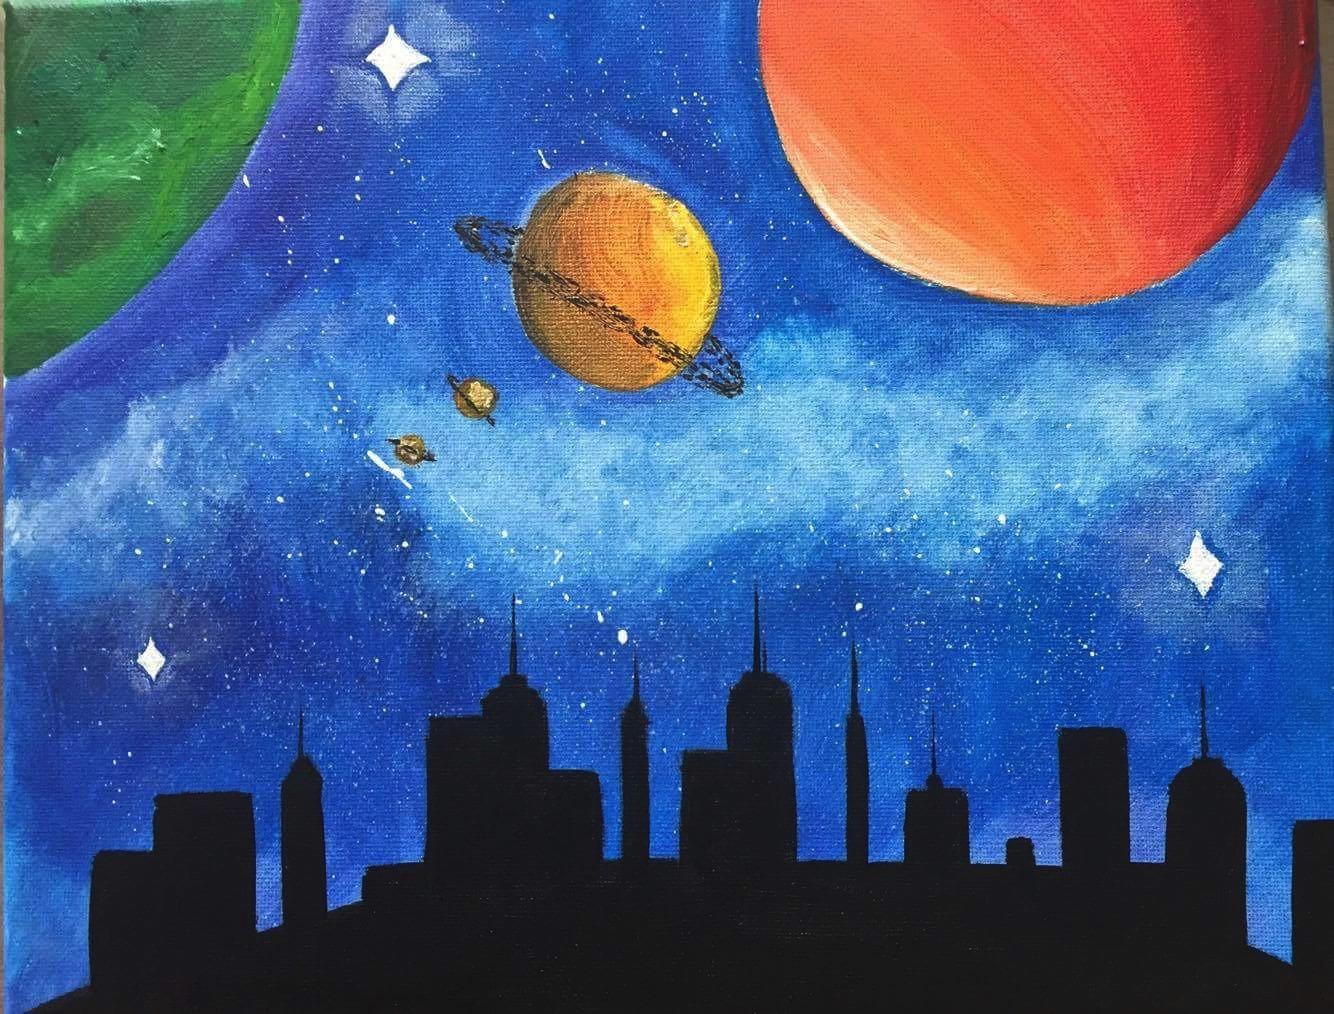 La cité de l'univers